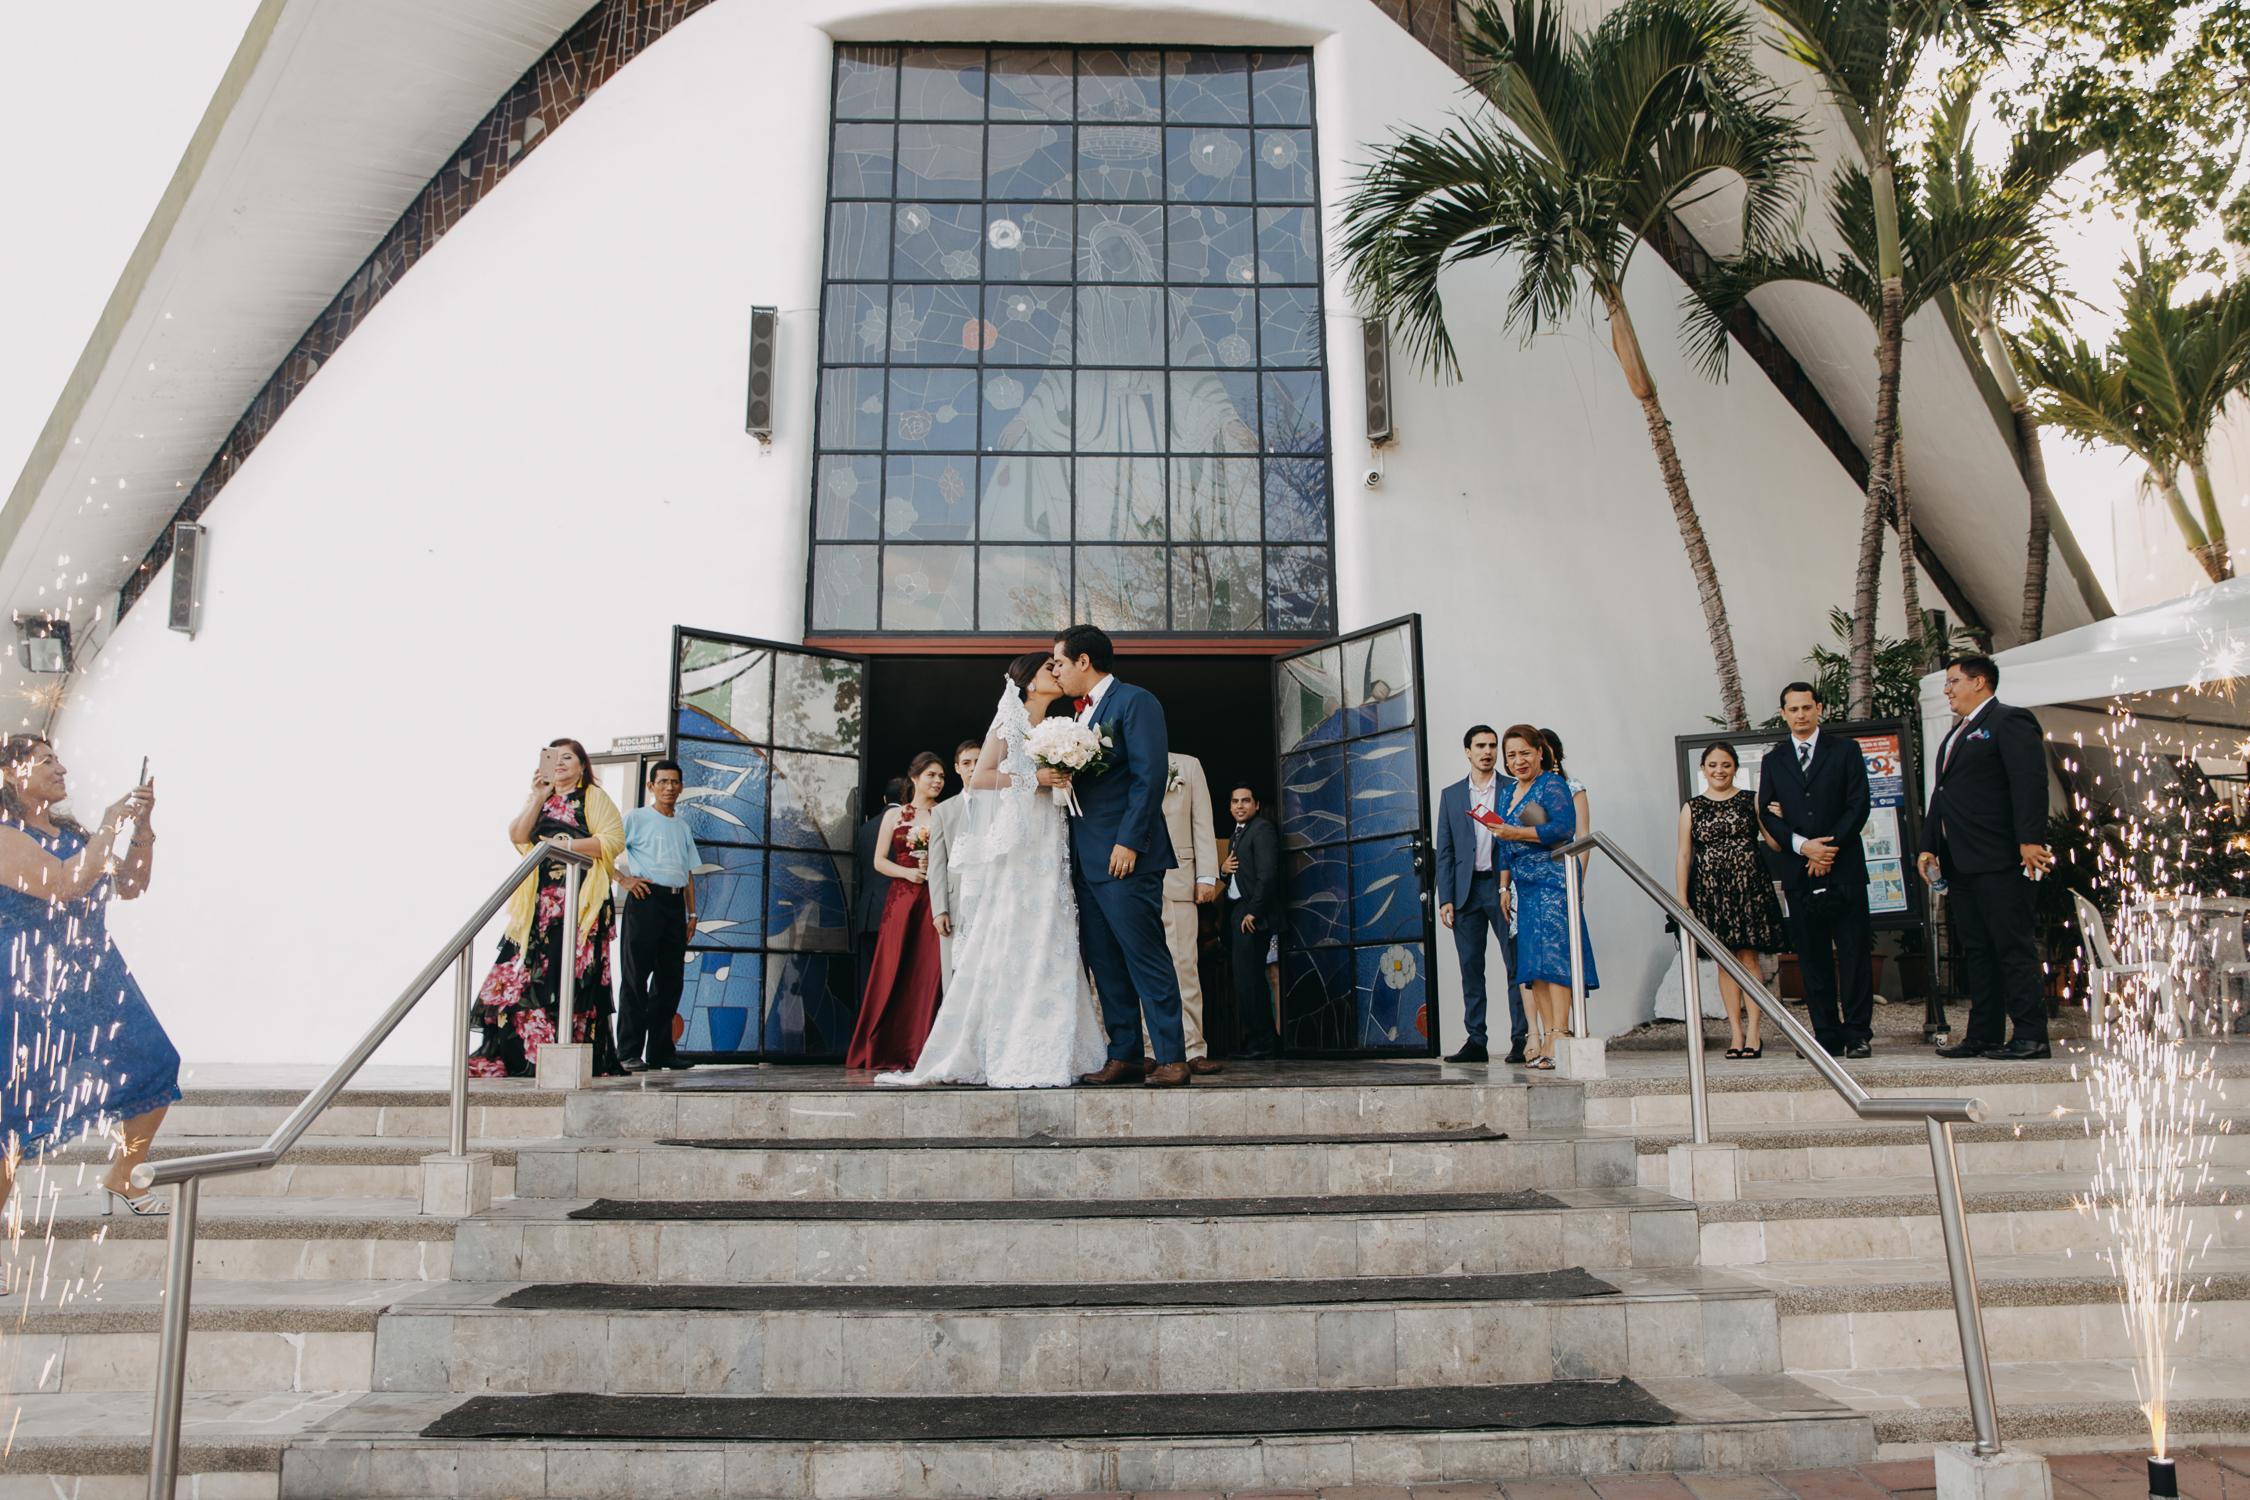 Michelle-Agurto-Fotografia-Bodas-Ecuador-Destination-Wedding-Photographer-Cristi-Luis-66.JPG